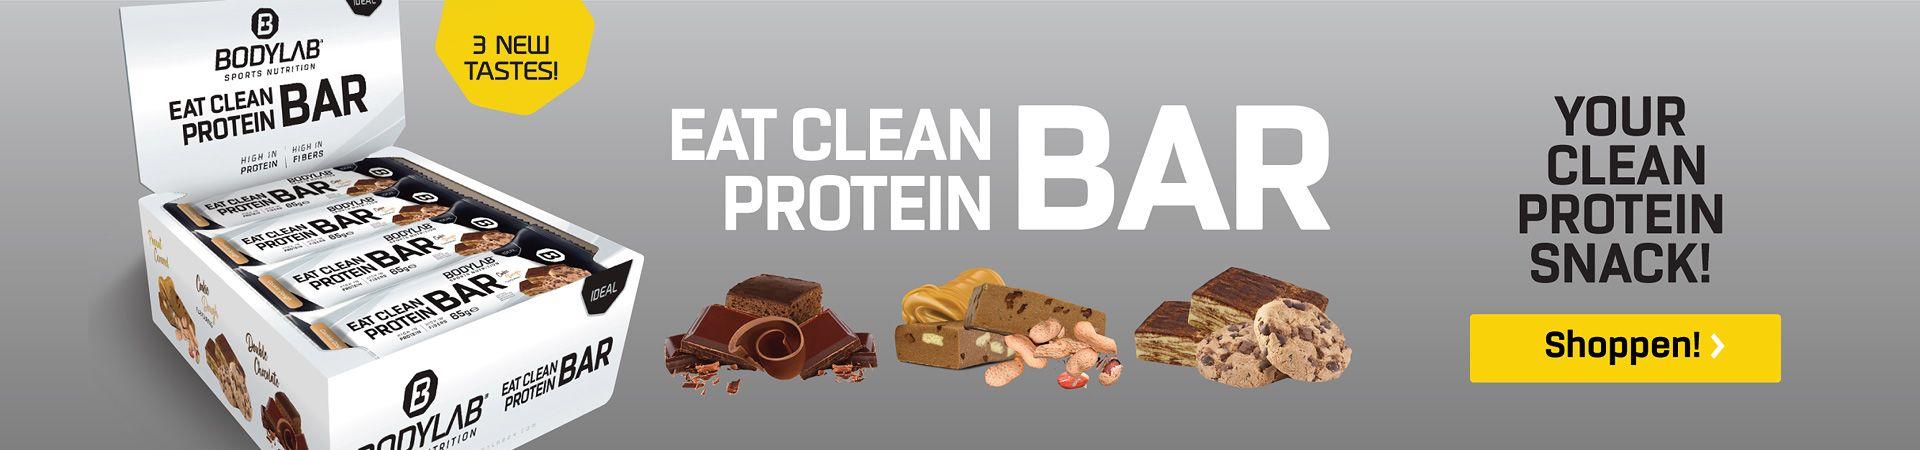 Eat Clean Bar Box - drie repen, gesneden met de ingrediënten tegen een lichtgrijze achtergrond